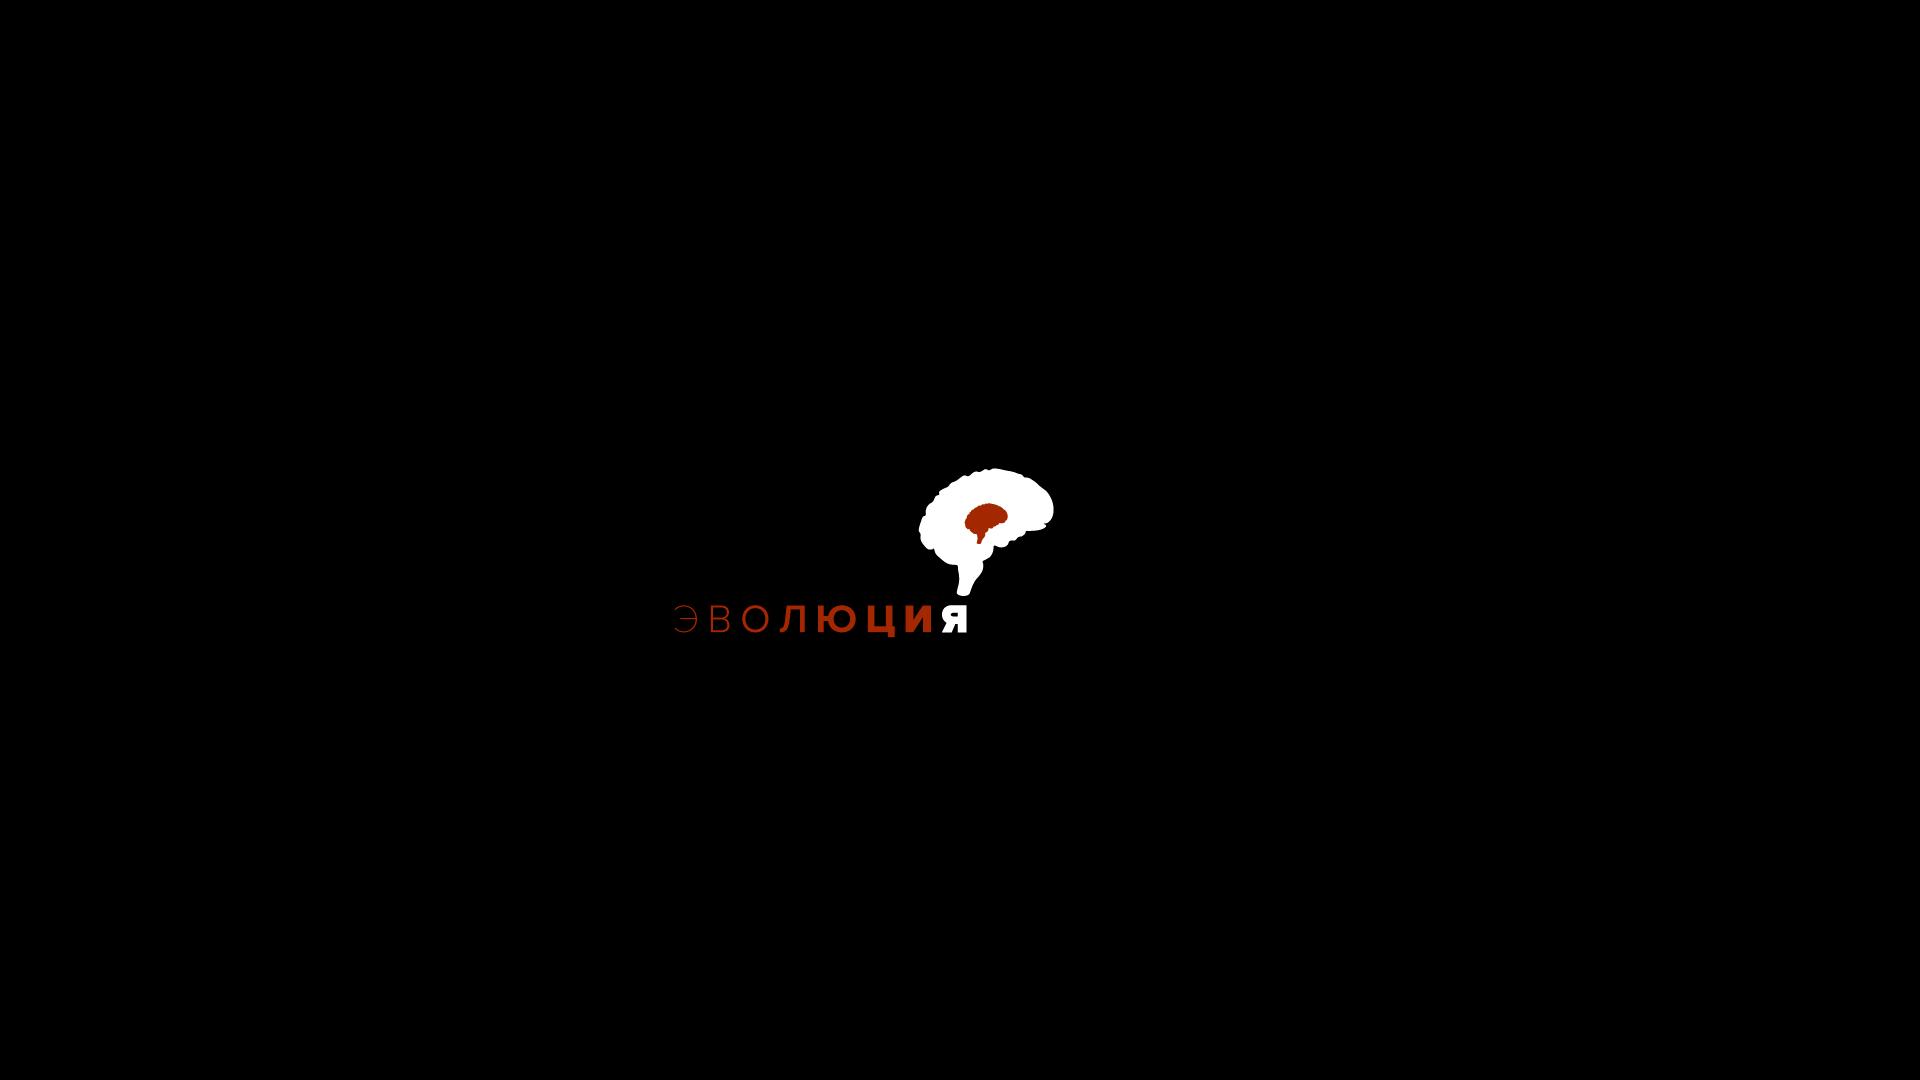 Разработать логотип для Онлайн-школы и сообщества фото f_7175bc38d3584d15.png